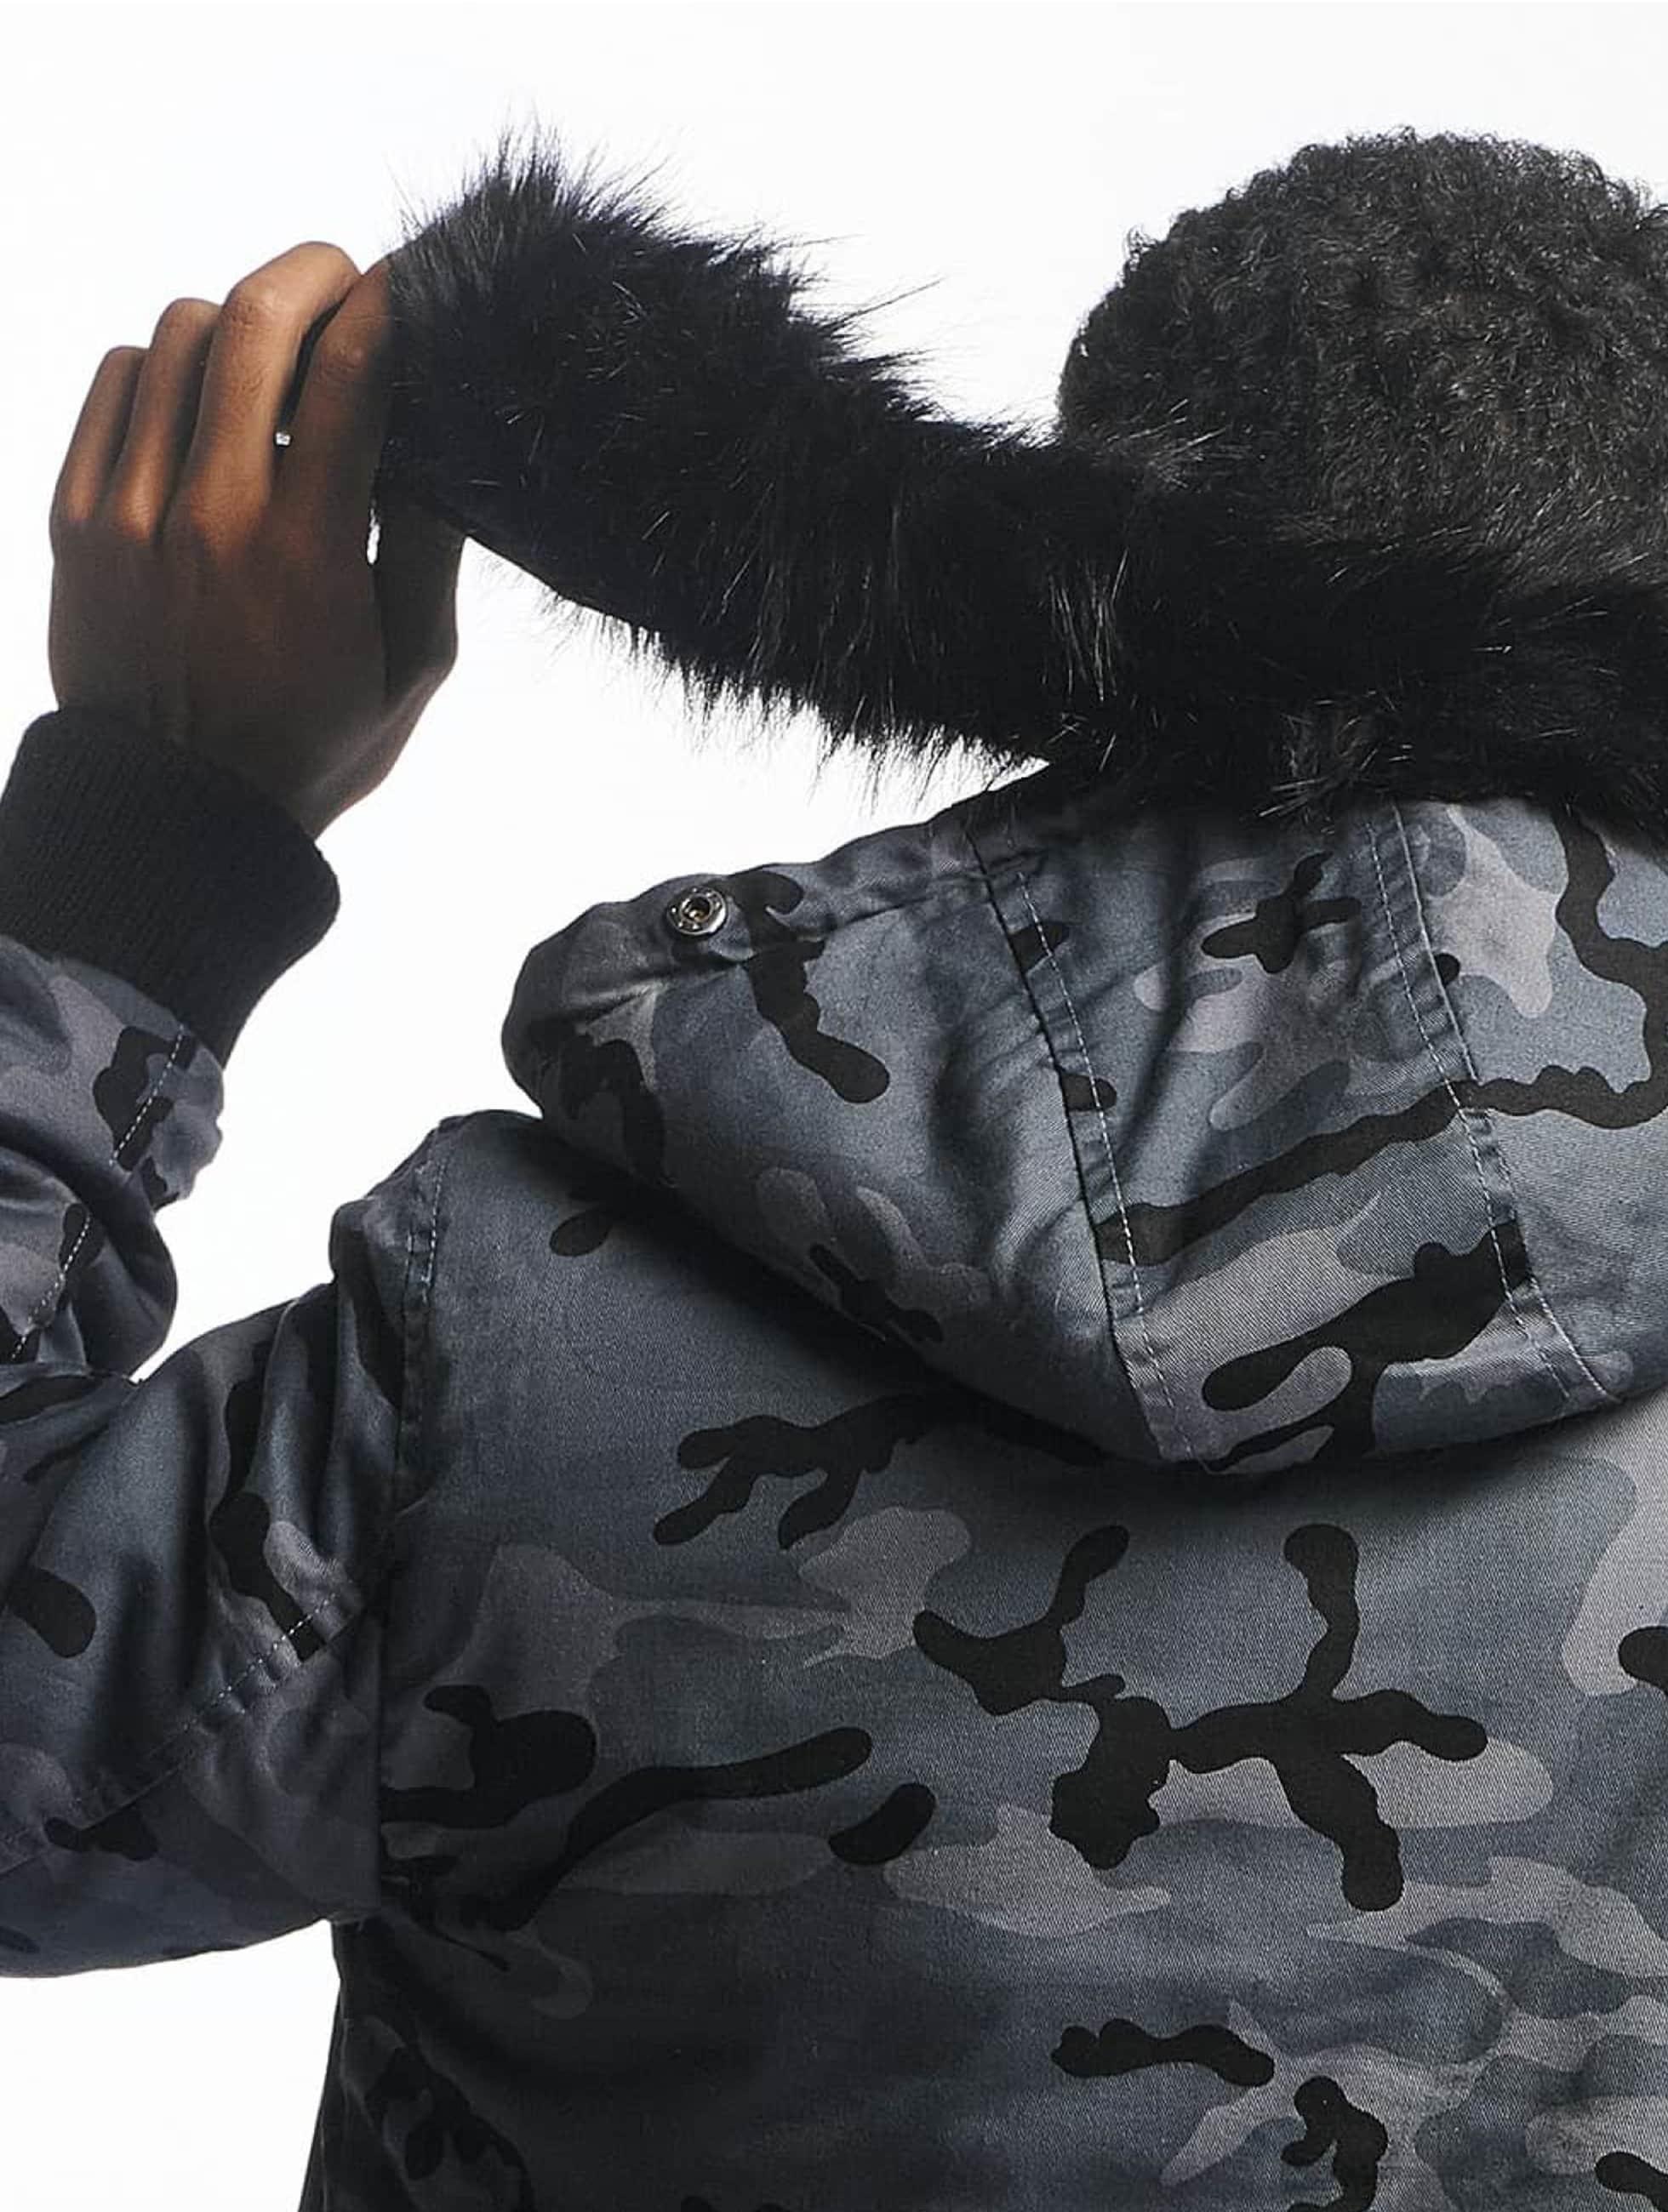 def bomber camouflage homme manteau hiver 336421. Black Bedroom Furniture Sets. Home Design Ideas